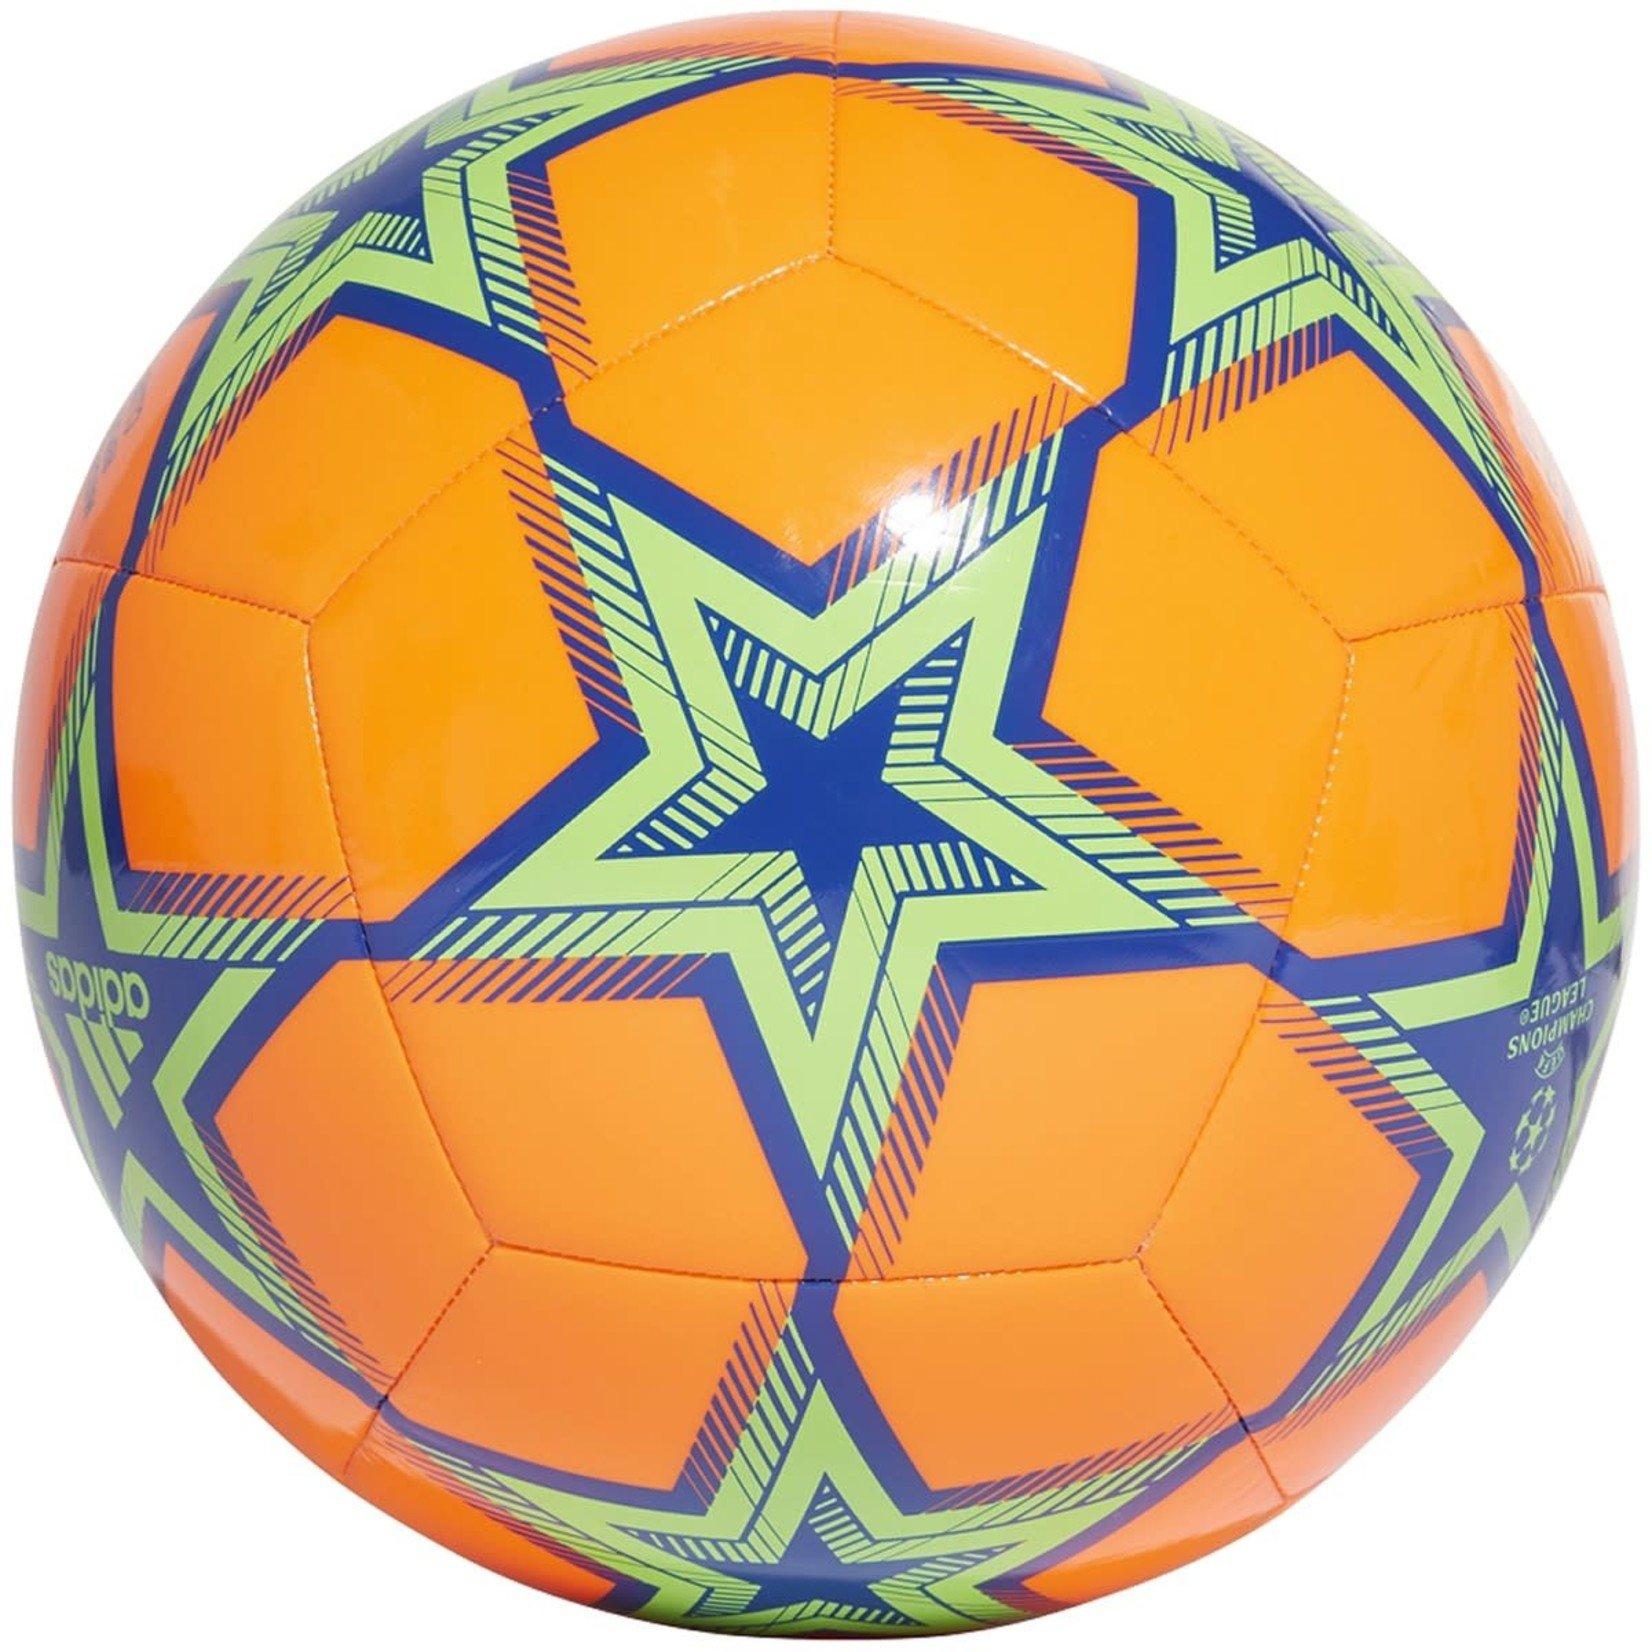 ADIDAS FINALE 21 UCL CLUB PYROSTORM BALL (ORANGE/GREEN)